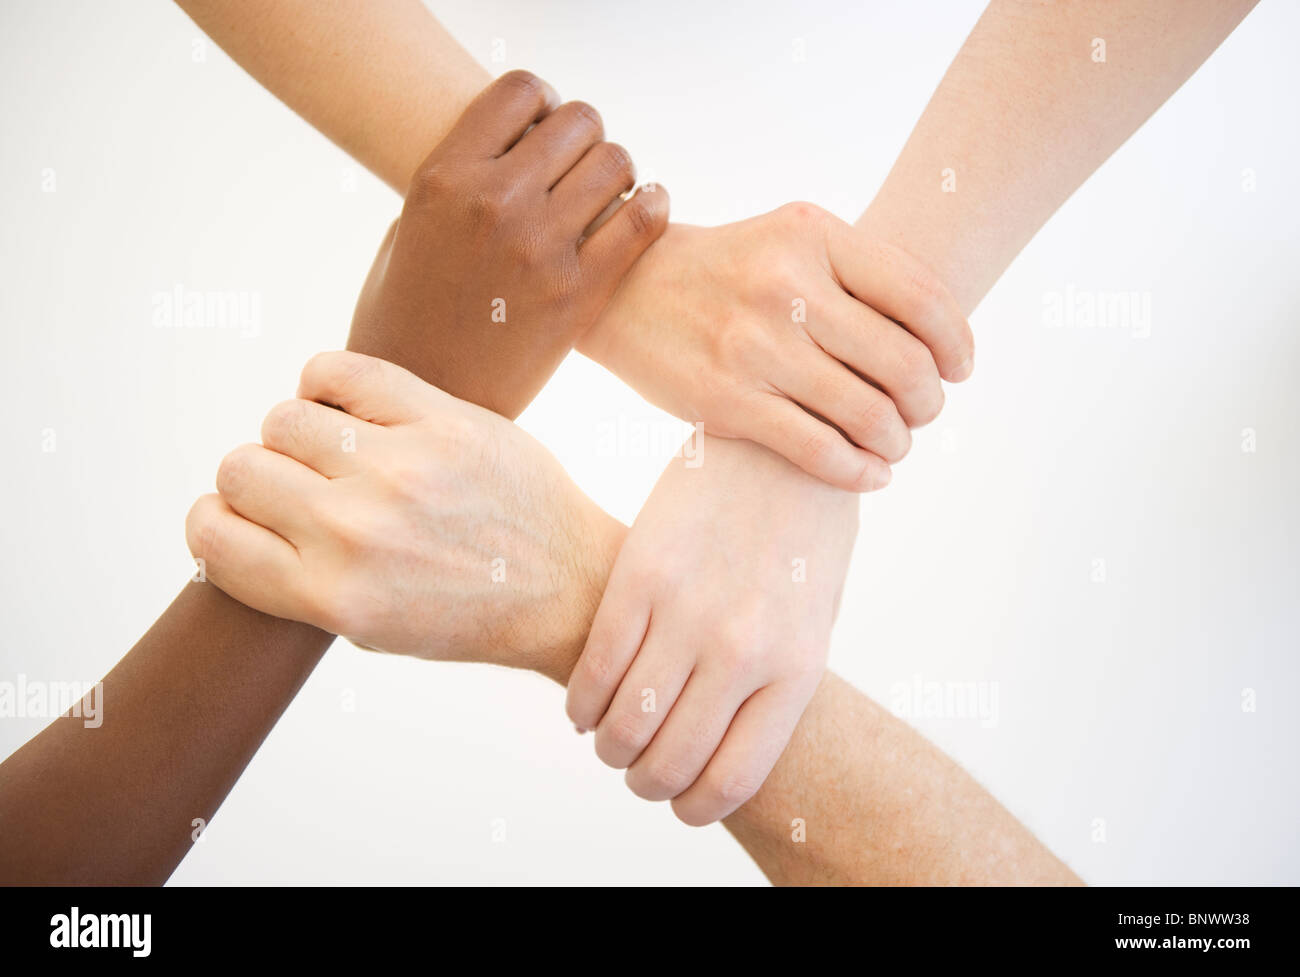 Quatro mãos segurando punhos de outras pessoas Imagens de Stock